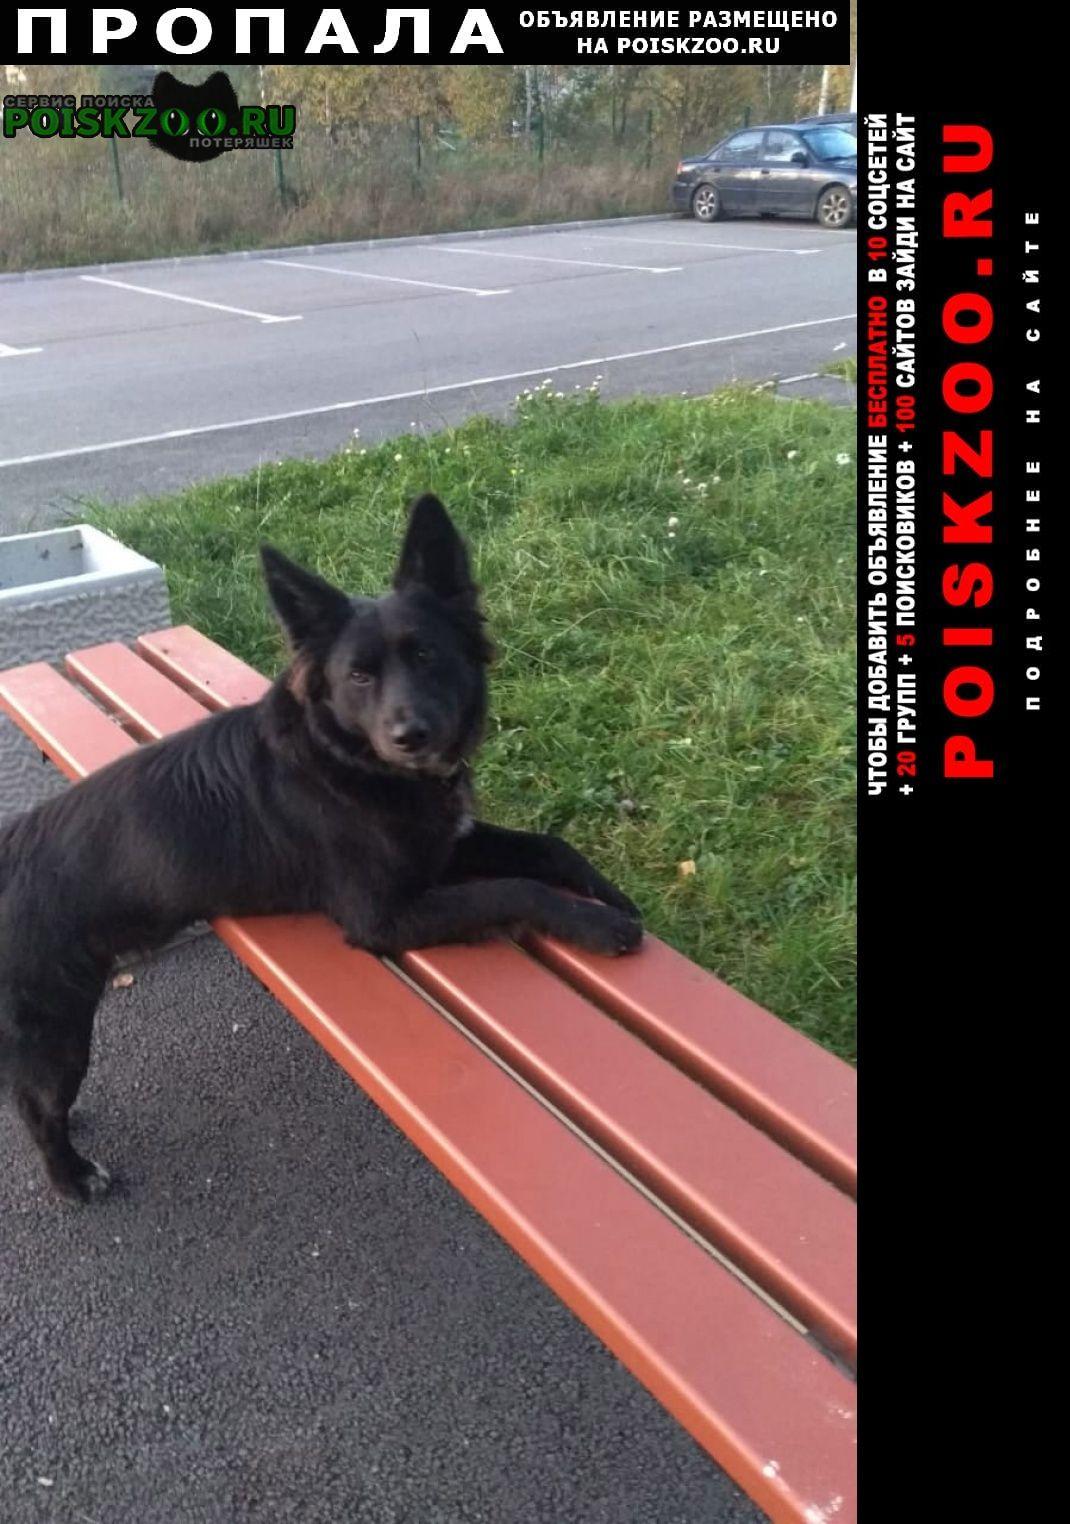 Пропала собака кобель чёрный большой пёс Всеволожск